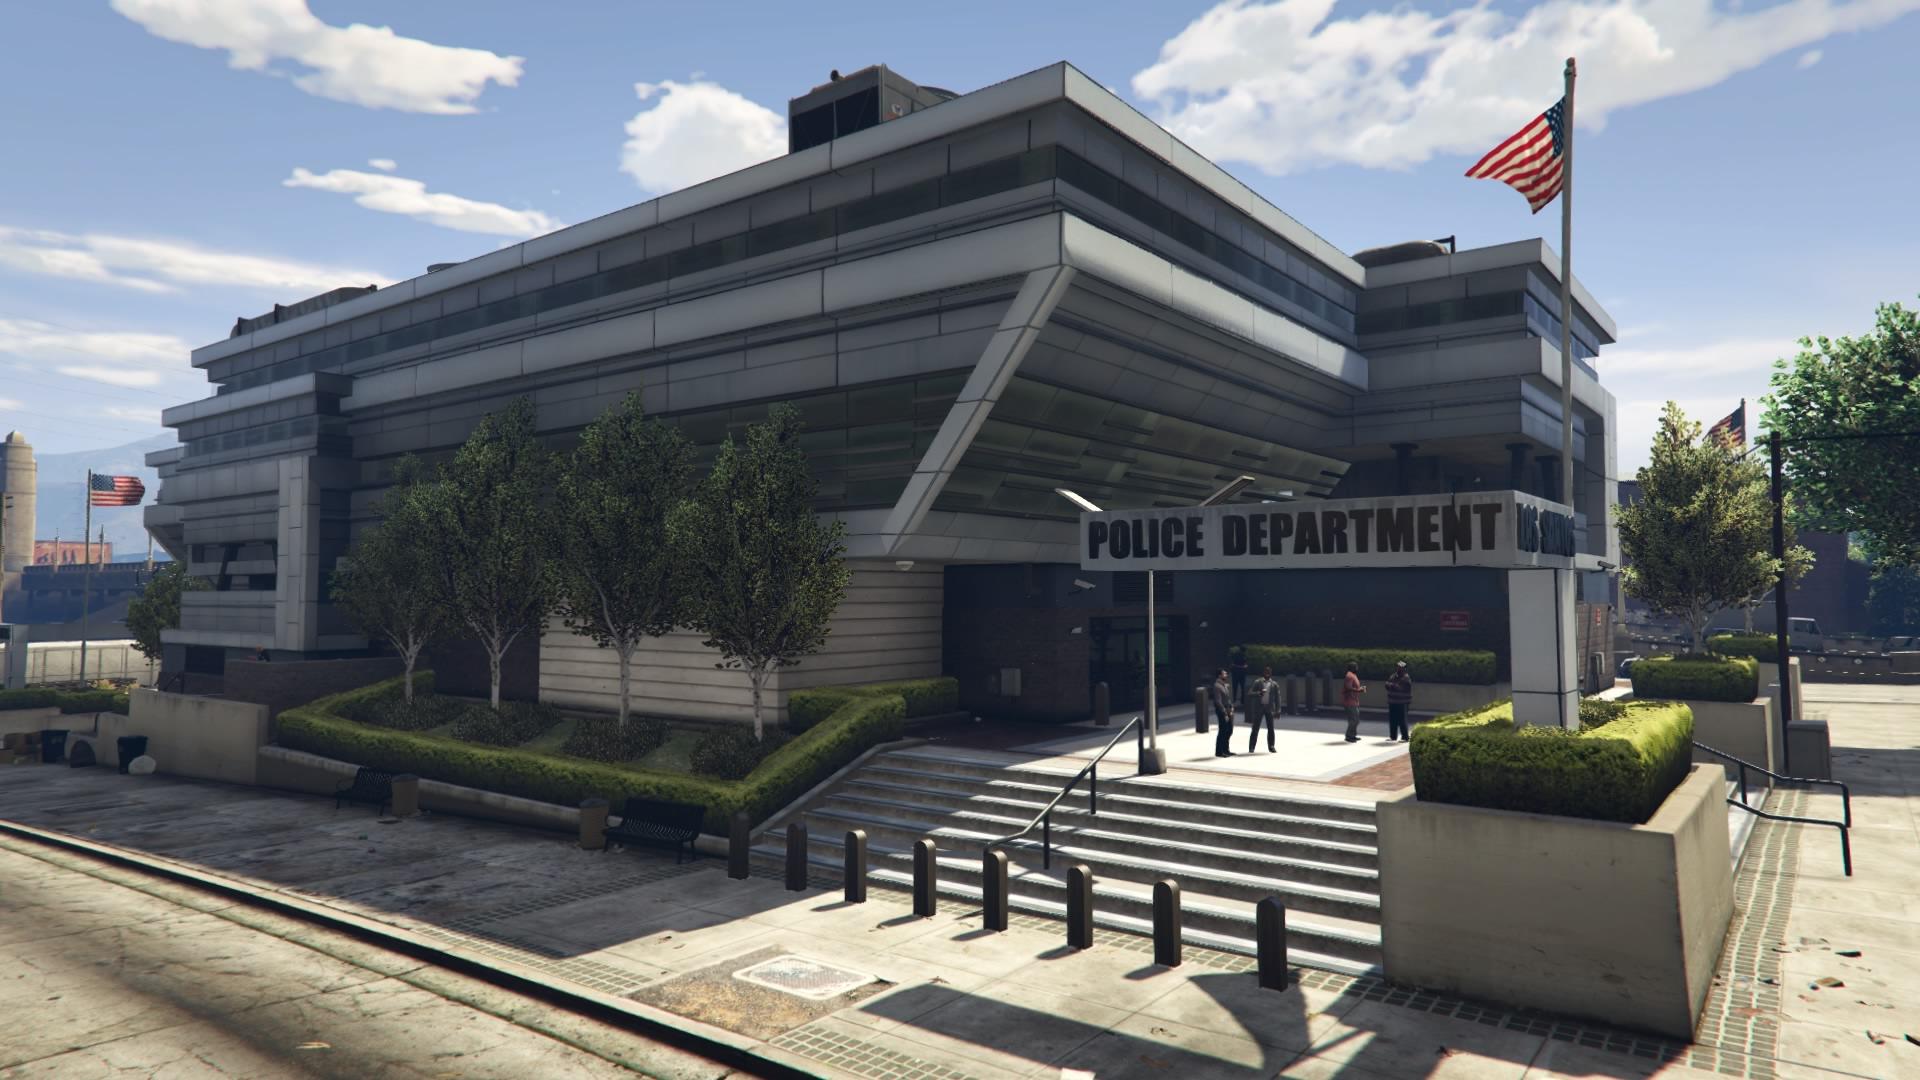 Mission Row Police Station | GTA Wiki | FANDOM powered by Wikia